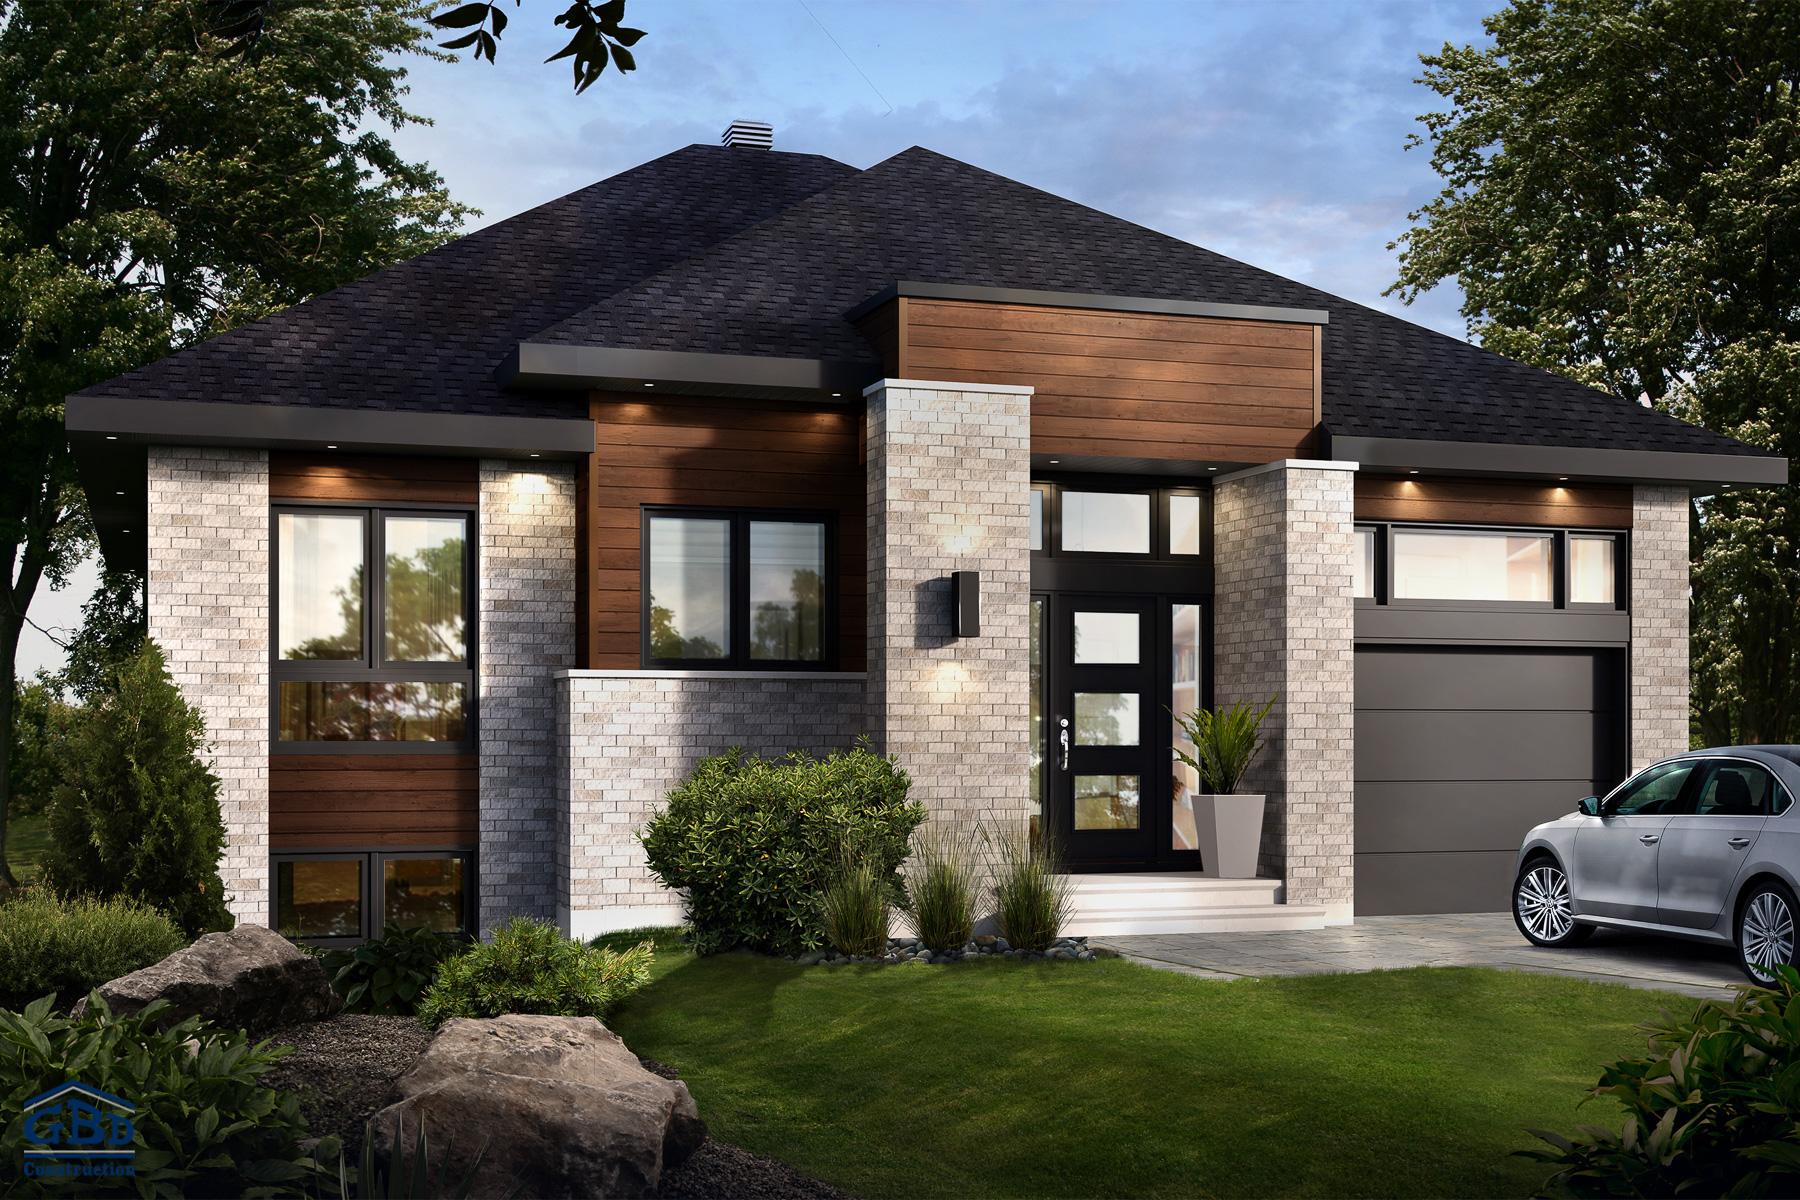 Mythique - Maison neuve à un étage de type plain-pied | GBD Construction